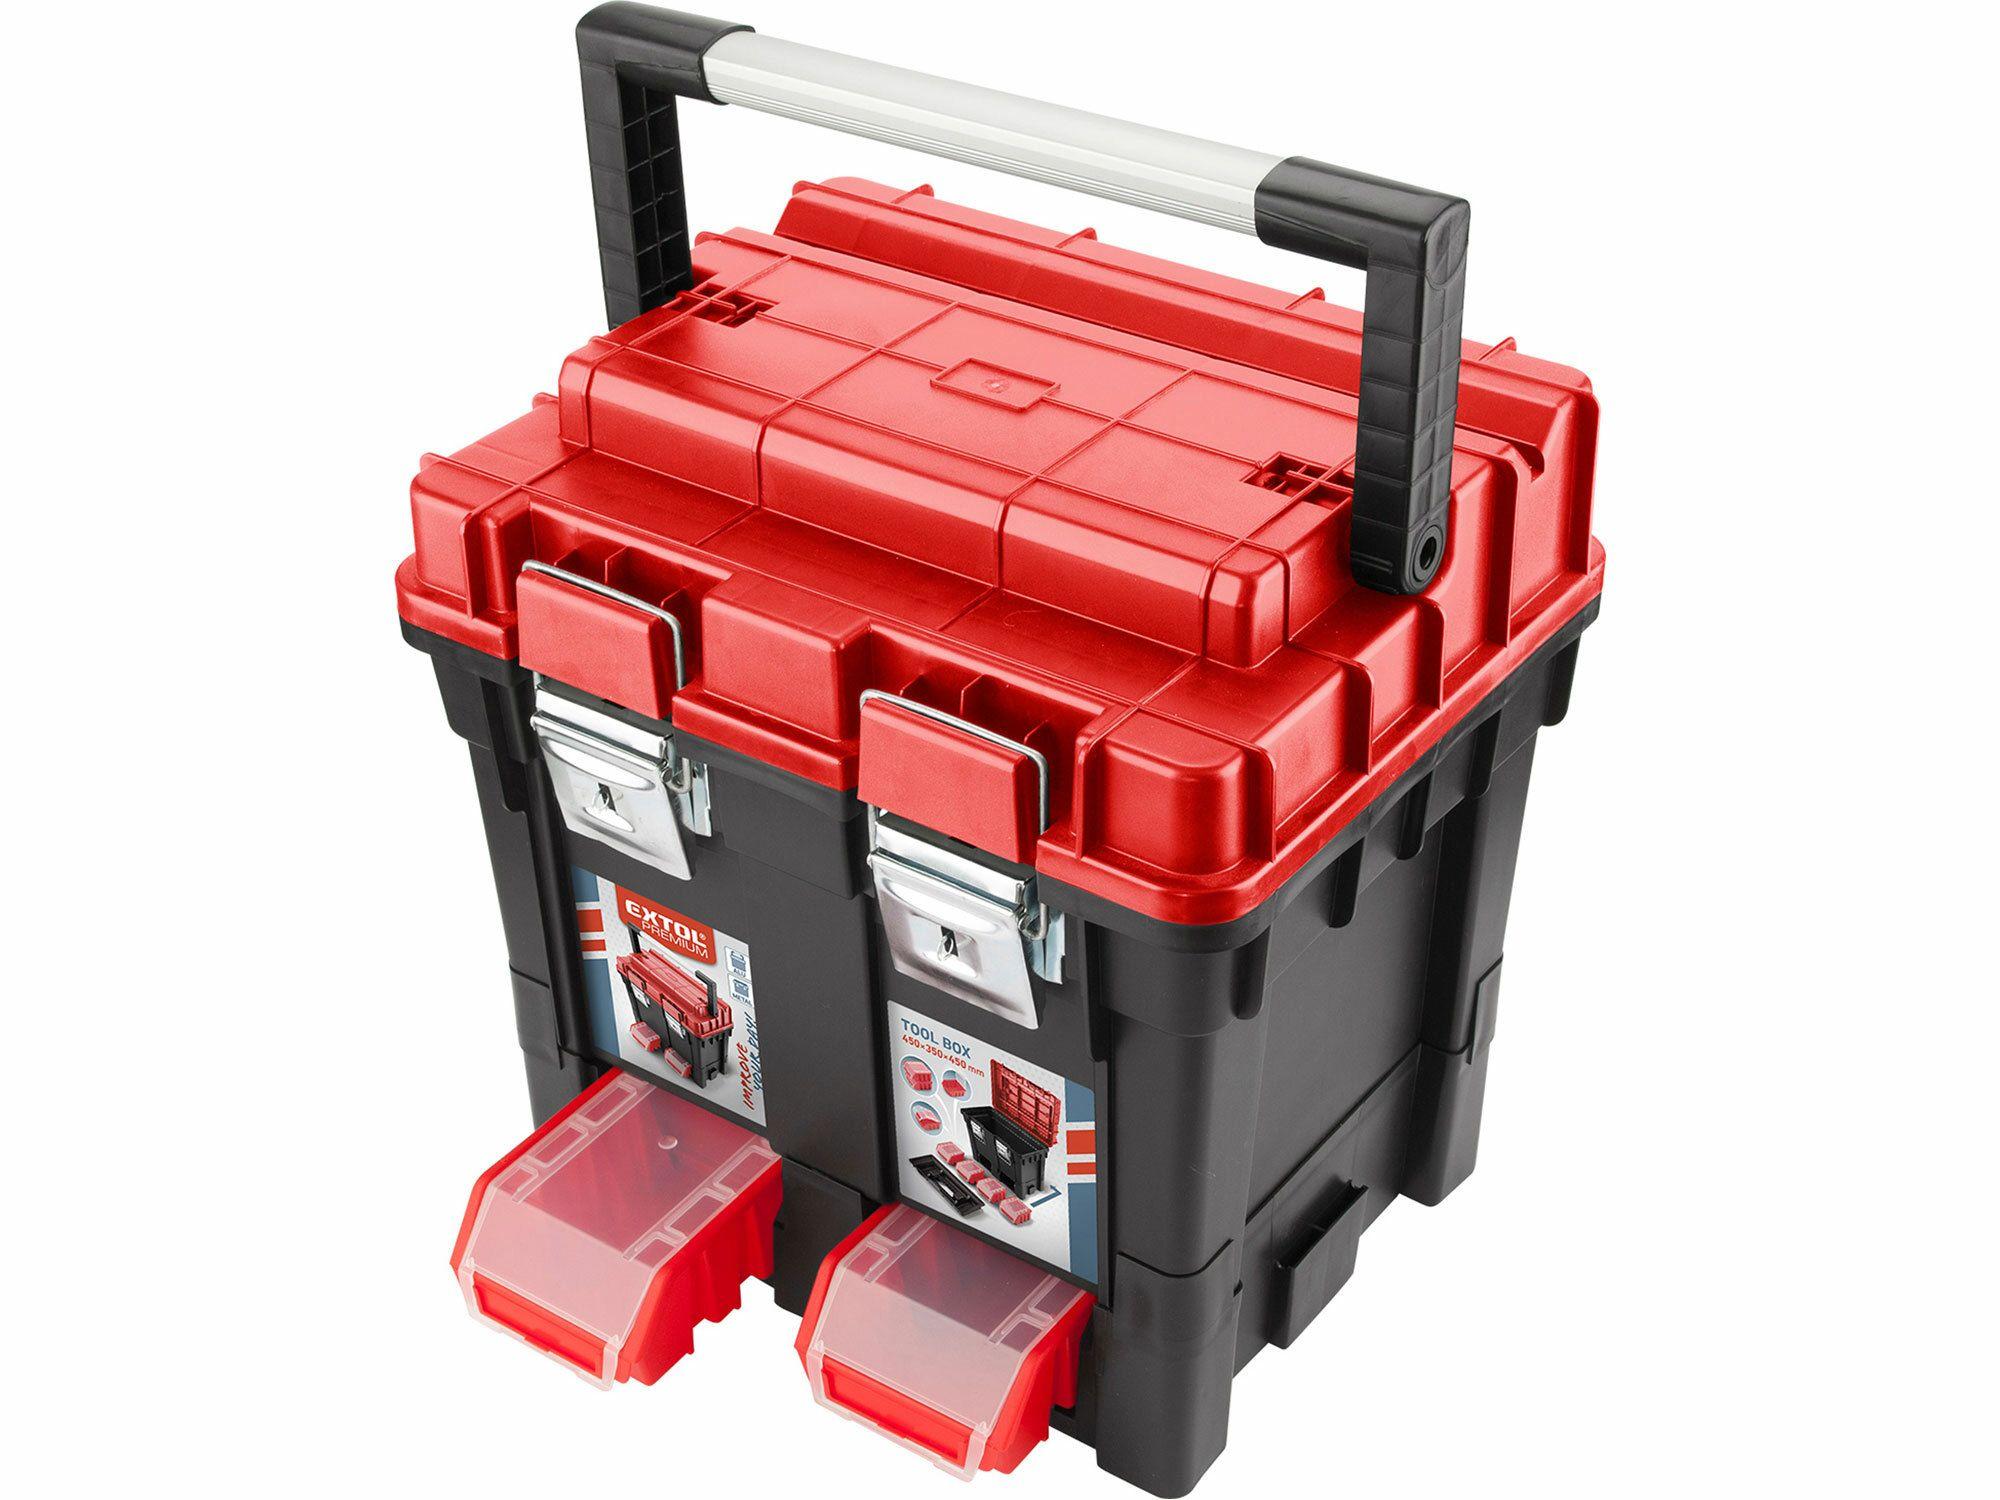 Kufr na nářadí HD, 450x350x450mm, AL rukojeť, kov.přezky EXTOL-PREMIUM